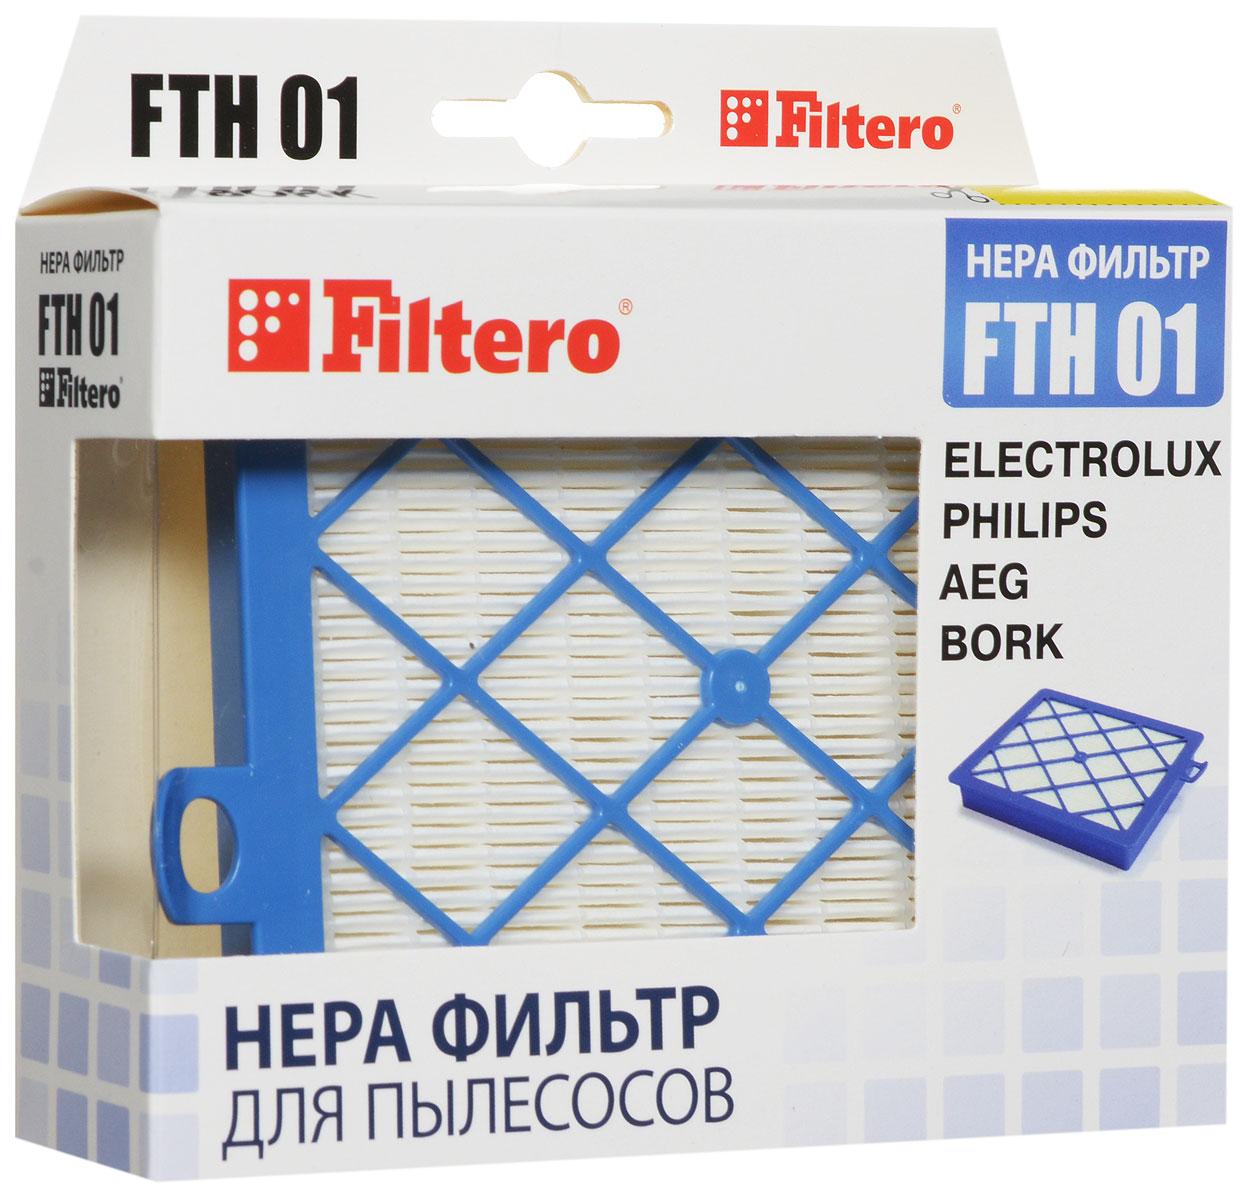 Filtero FTH 01 ELX Hepa-фильтр для Electrolux, Philips filtero fth 01 elx hepa фильтр для electrolux philips